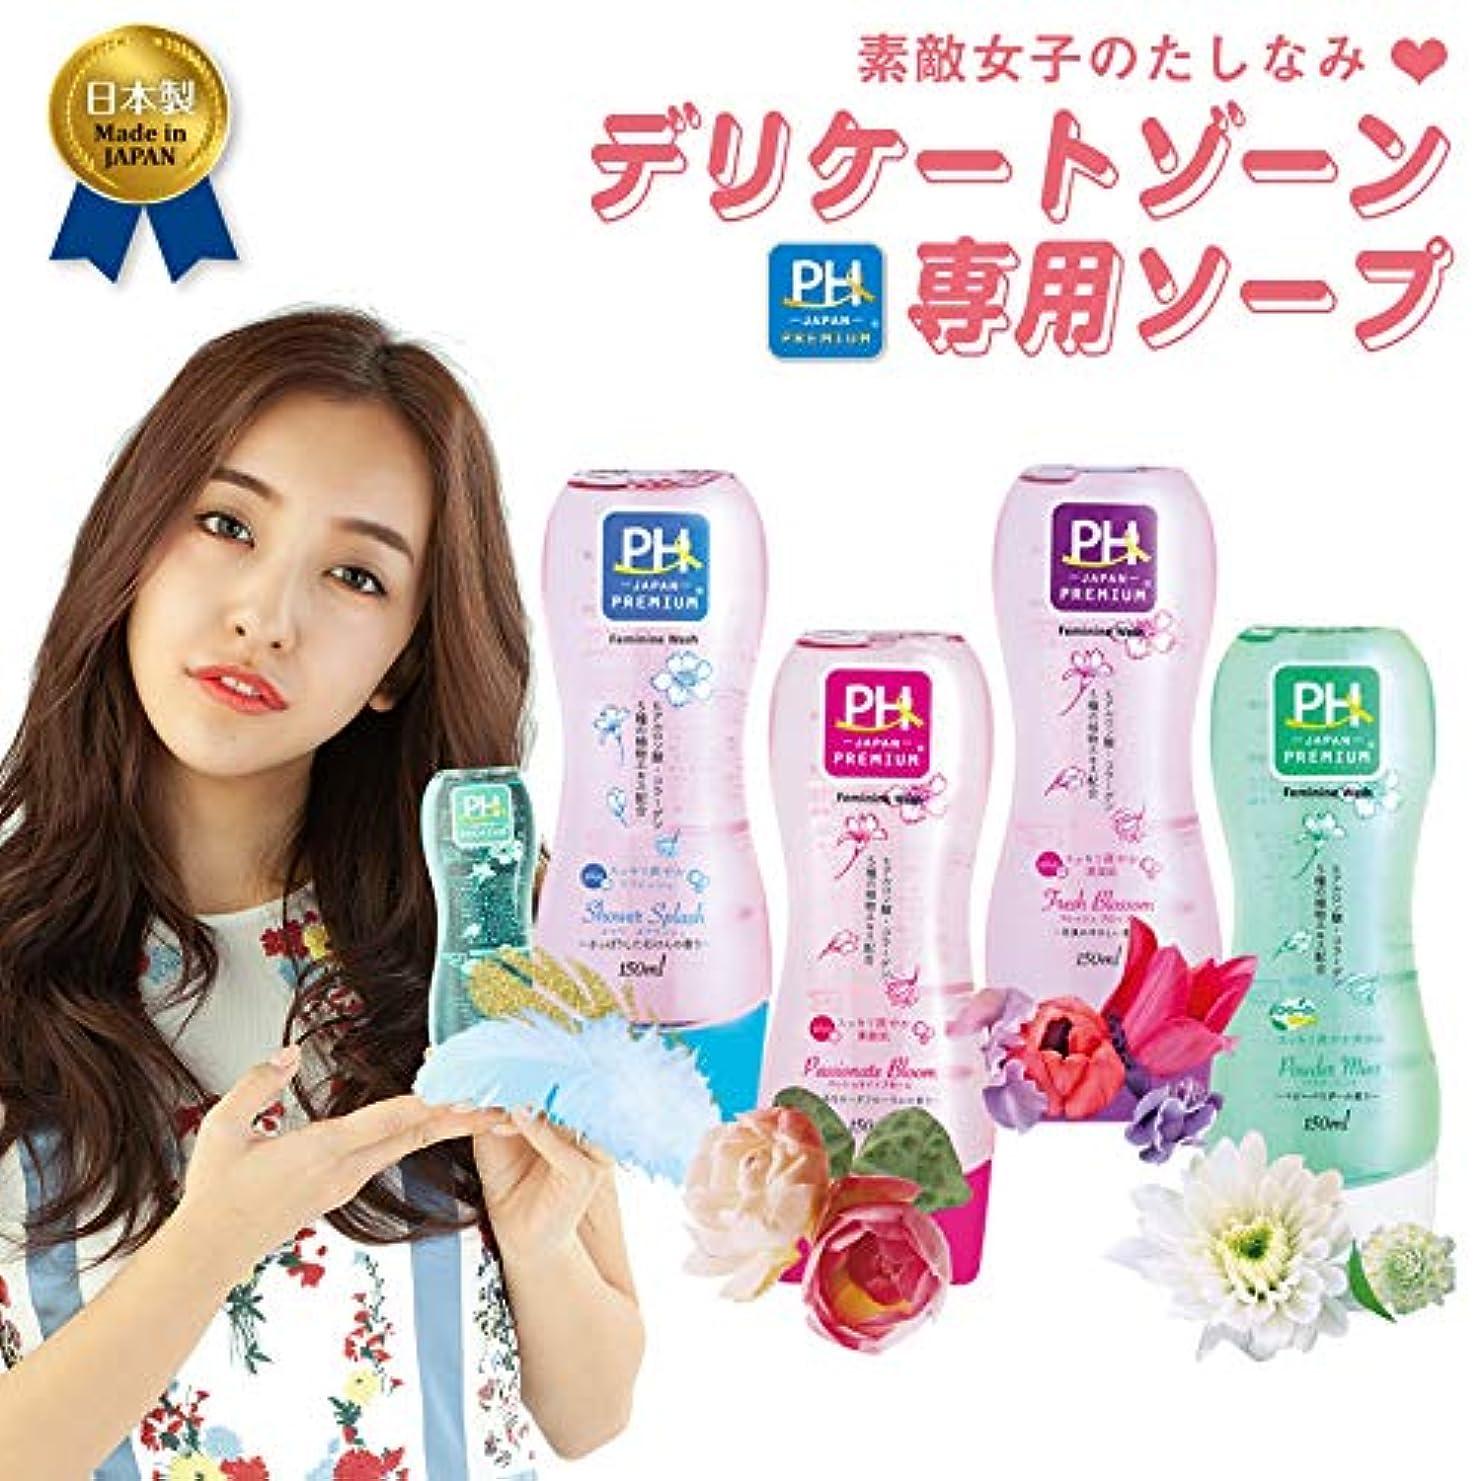 スピリチュアル舗装する玉ねぎフレッシュブロッソム4本セット PH JAPAN フェミニンウォッシュ 花束のやさしい香り